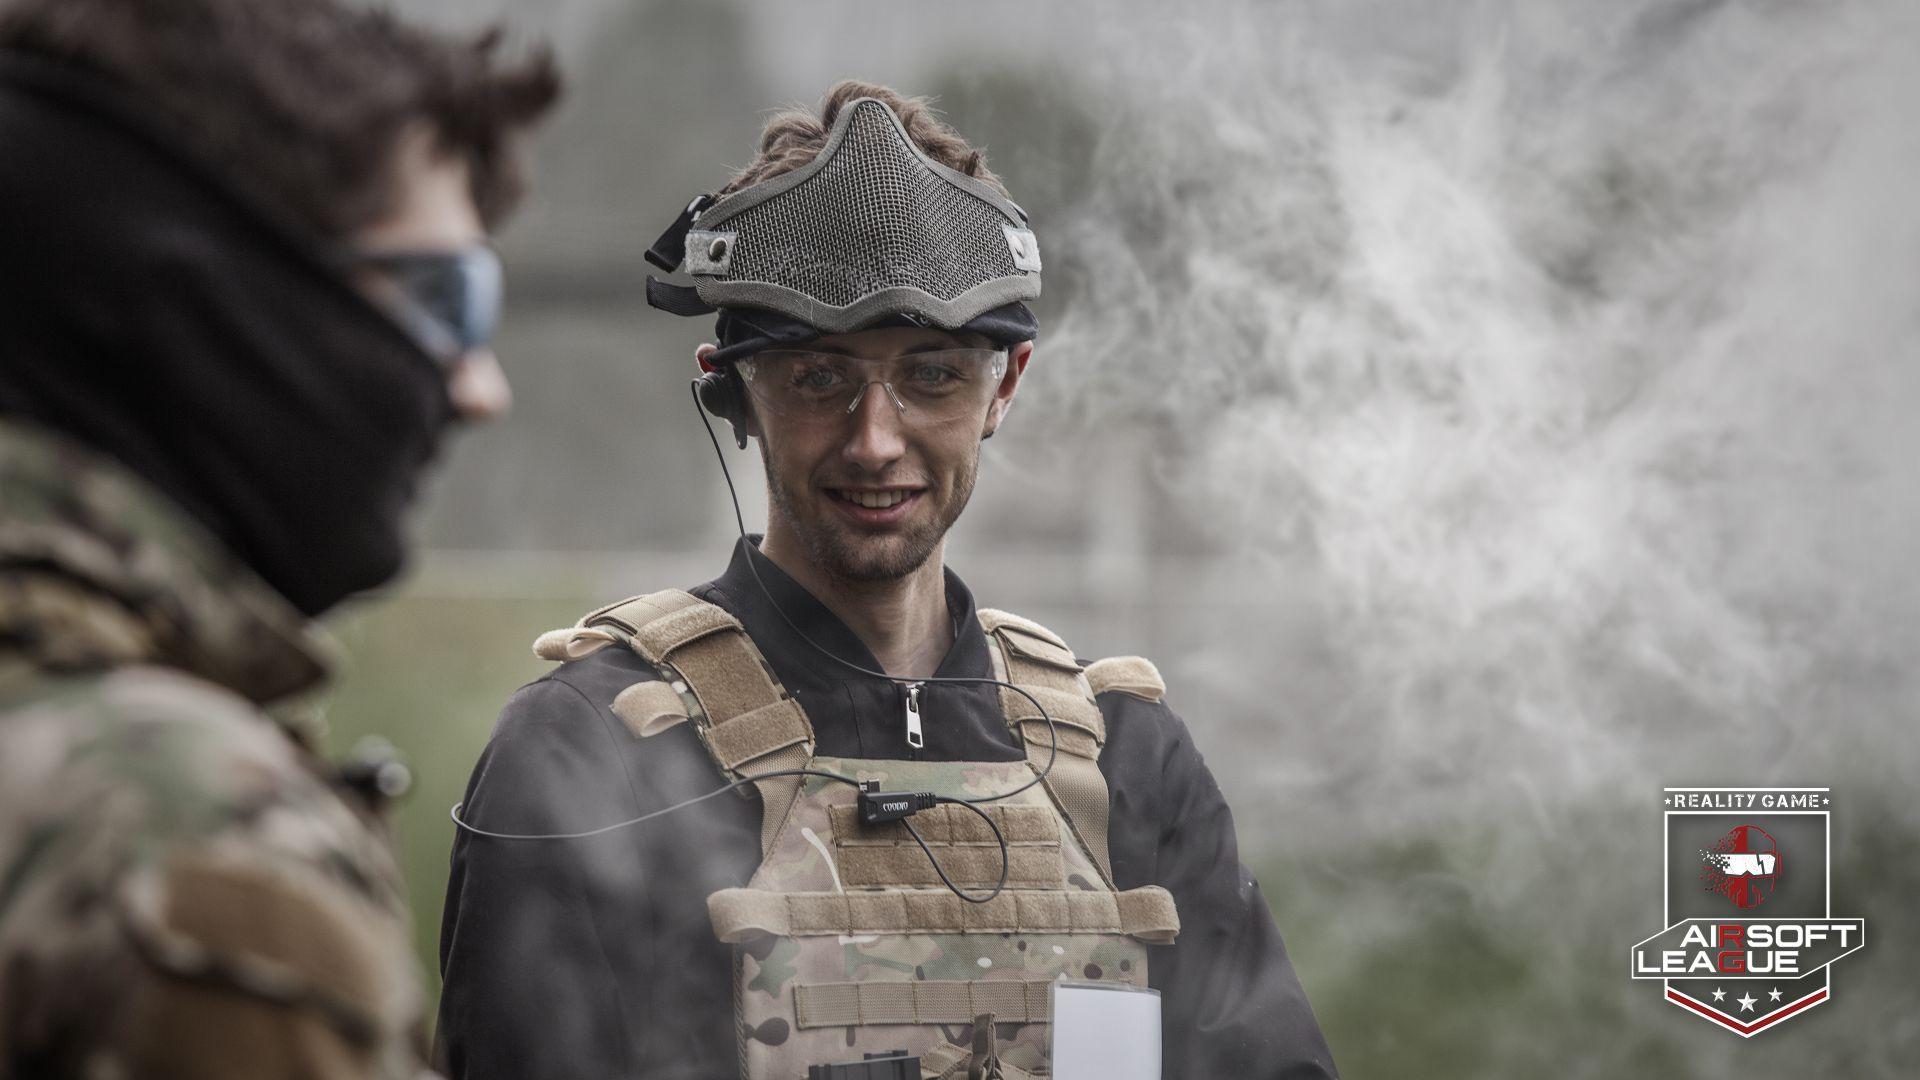 Officier de l'armée - Soldat